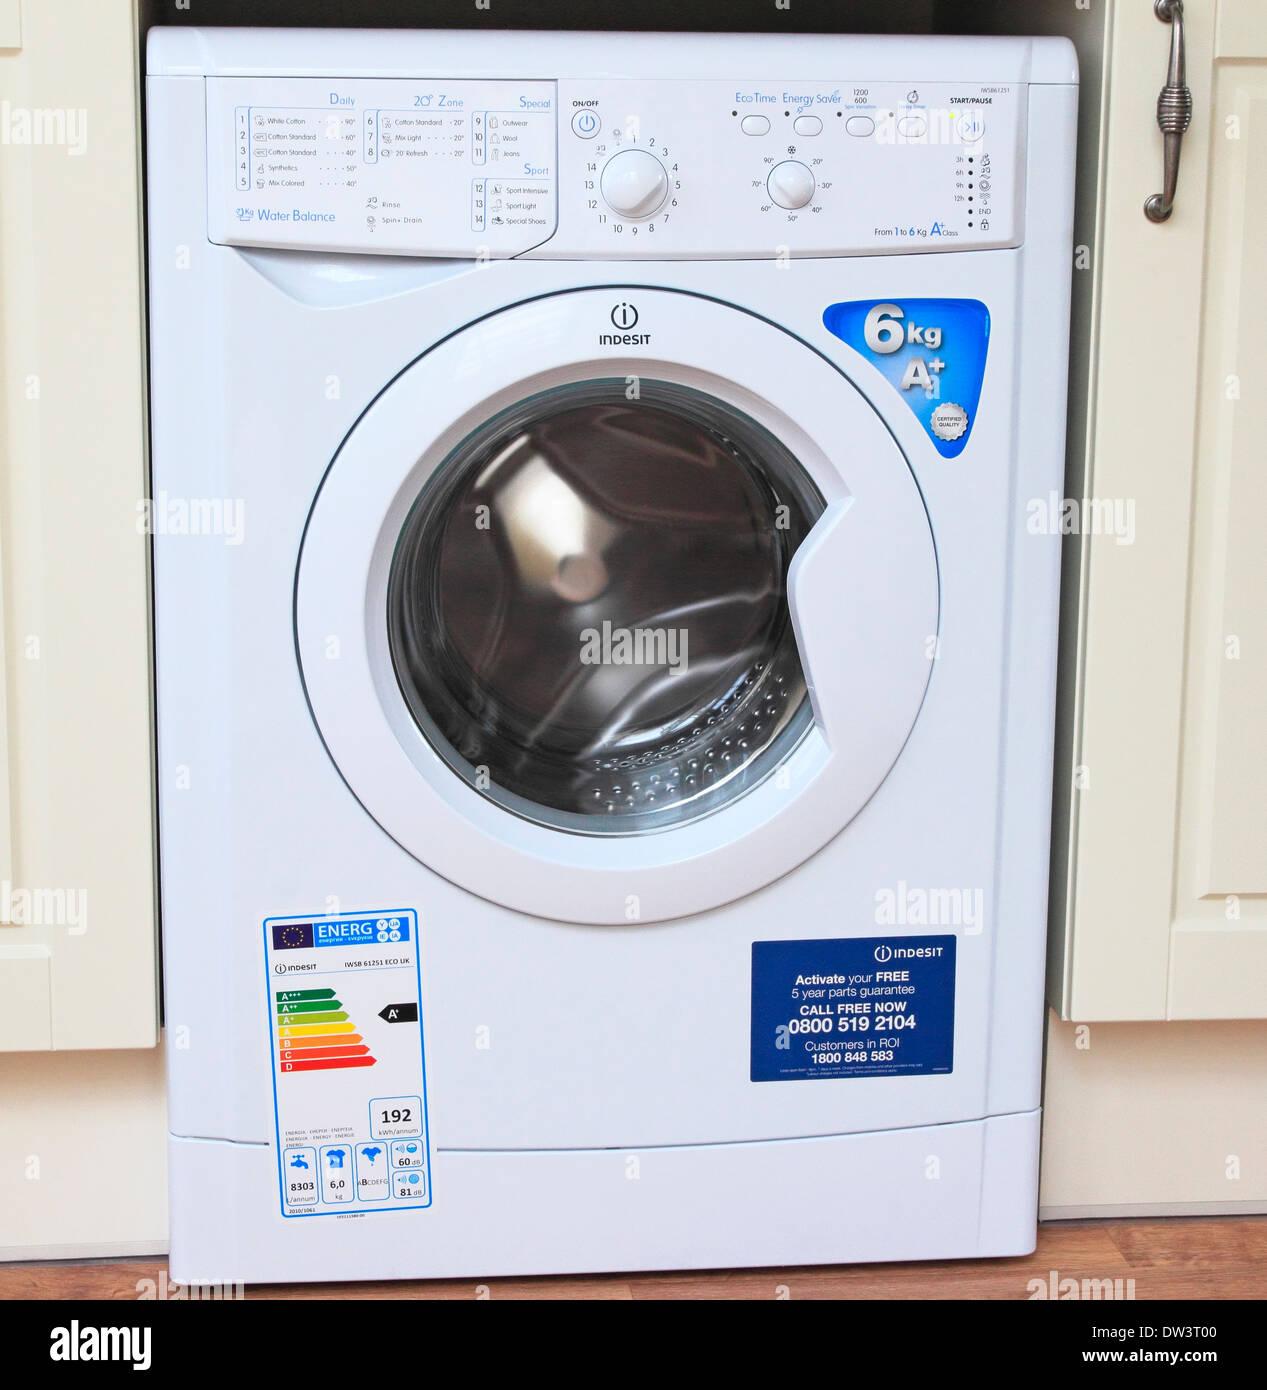 Neue Elektrische Indesit Frontlader Waschmaschine In Einer Kuche